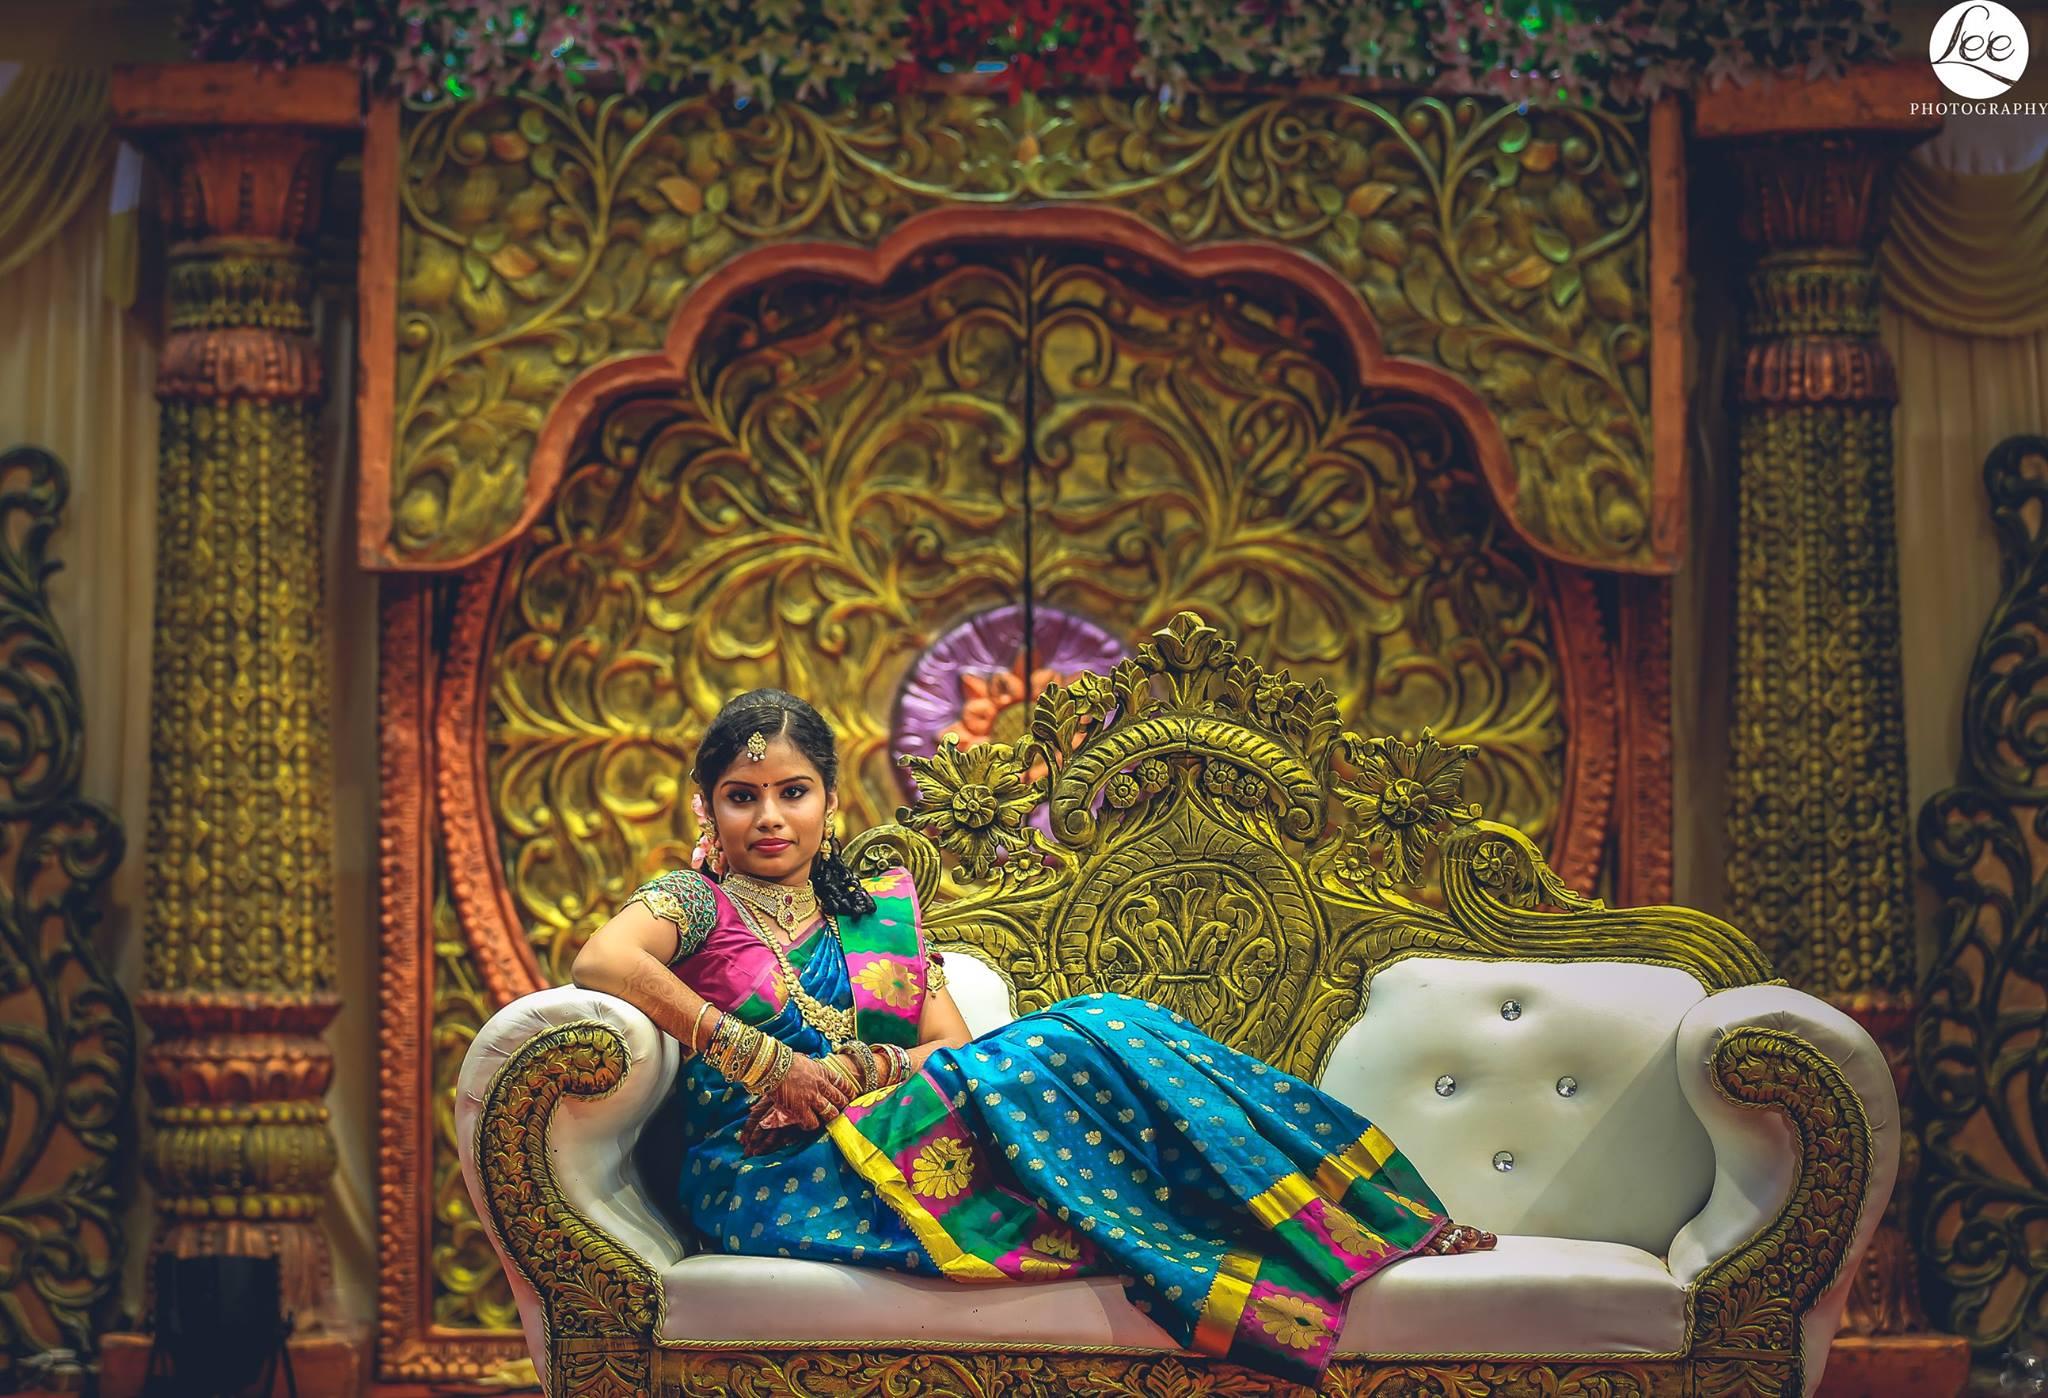 49.Bride in sofa